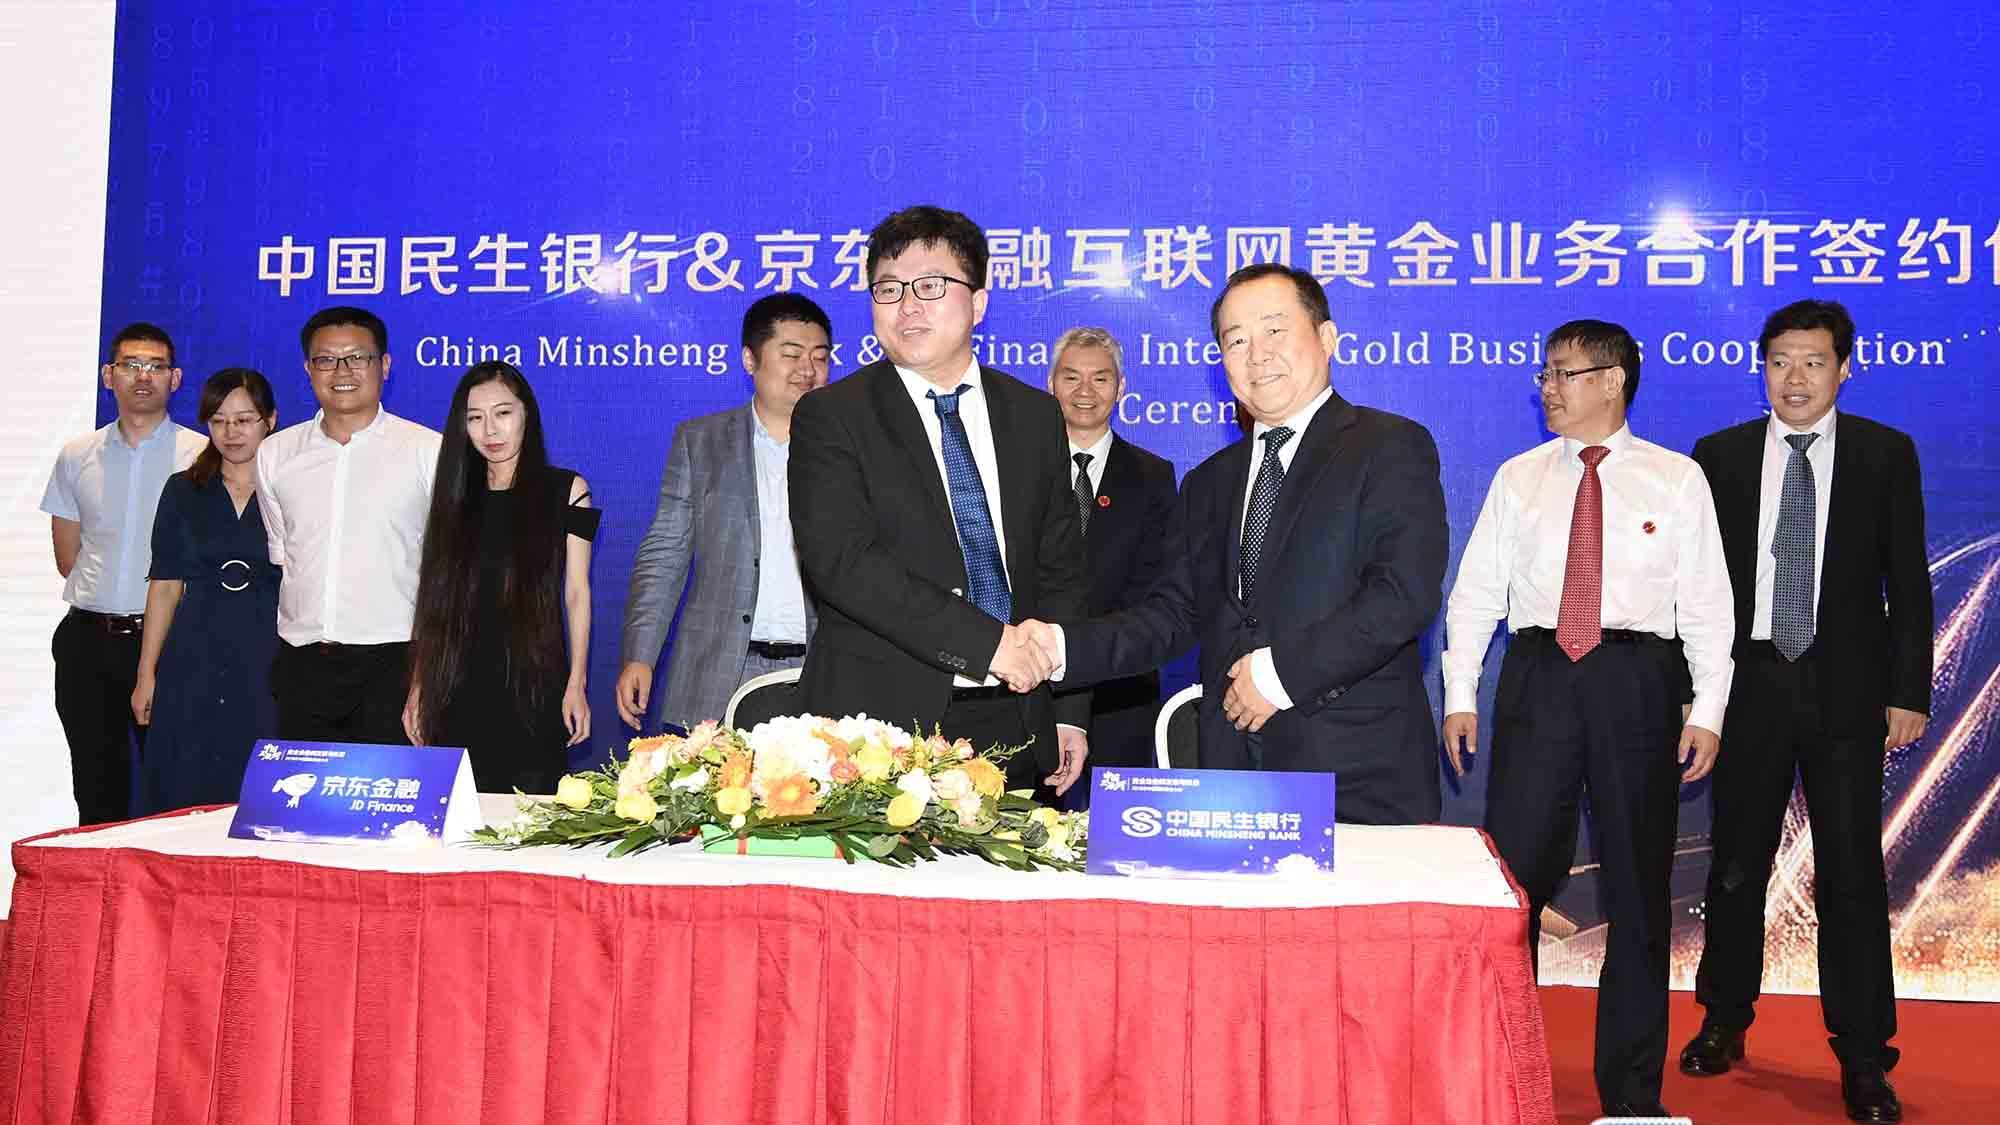 中国民生银行与京东金融互联网黄金业务合作签约